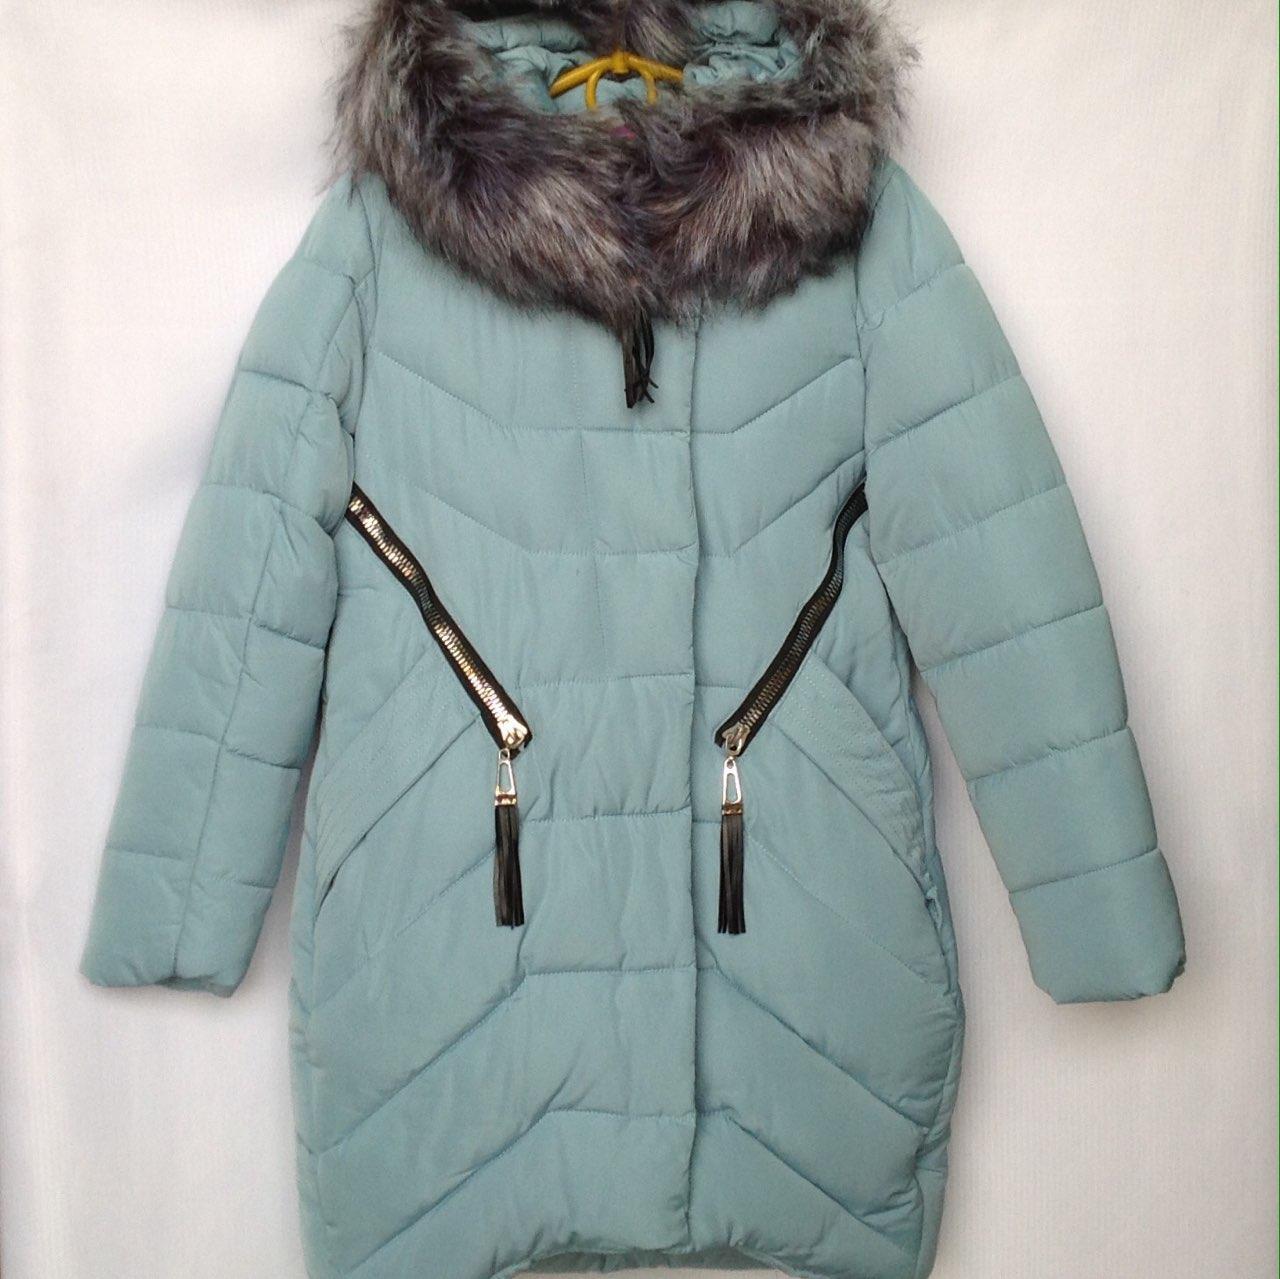 Куртка-пальто подростковая зимняя NIKA #6017 для девочек. 134-158 см (9-13 лет). Серо-синяя. Оптом.